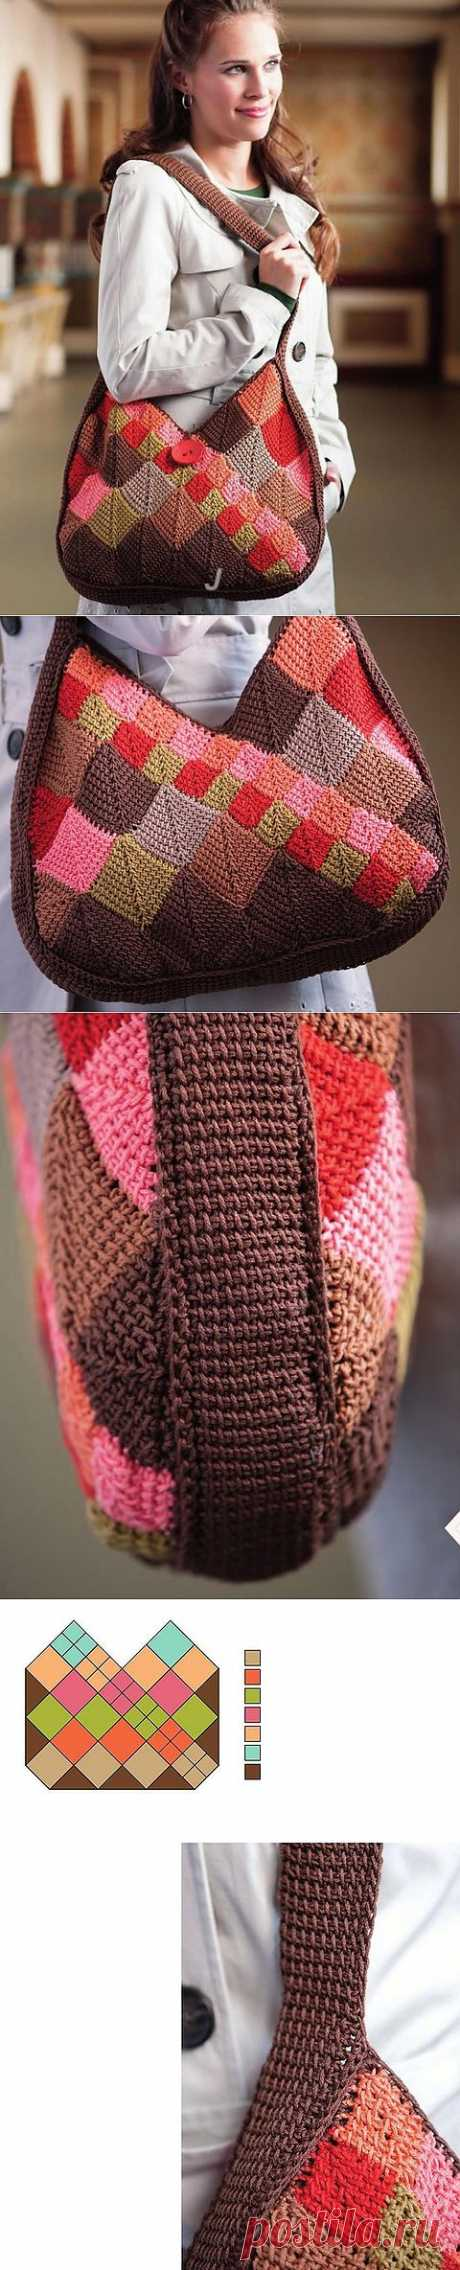 сумка тунисским вязанием.